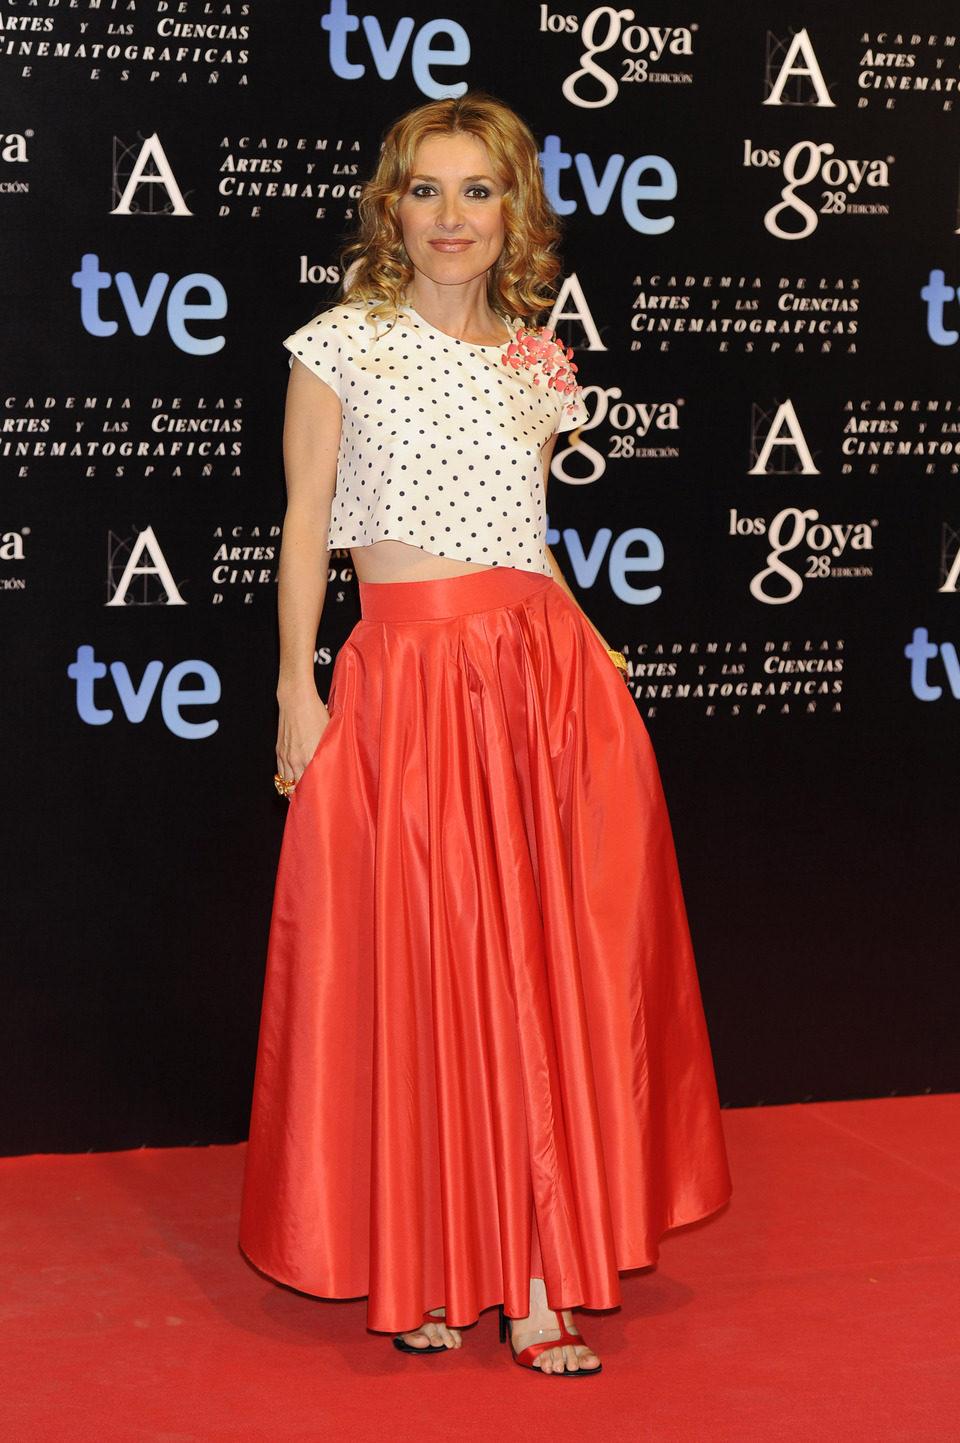 Cayetana Guillén Cuervo en la alfombra roja de la fiesta de los nominados a los premios Goya 2014